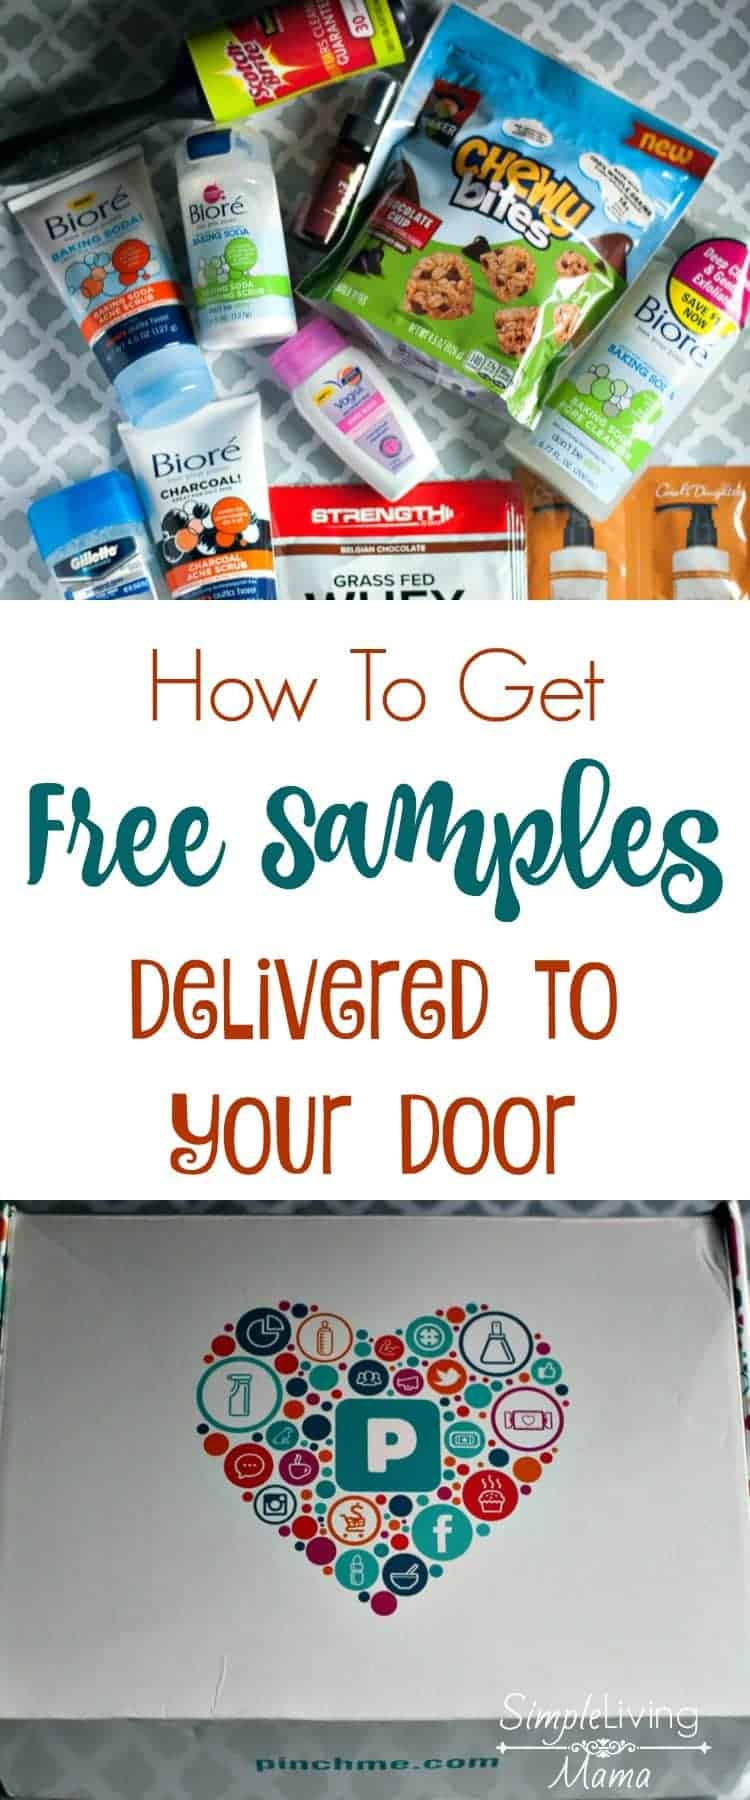 How to Get Free Samples How to Get Free Samples new pics